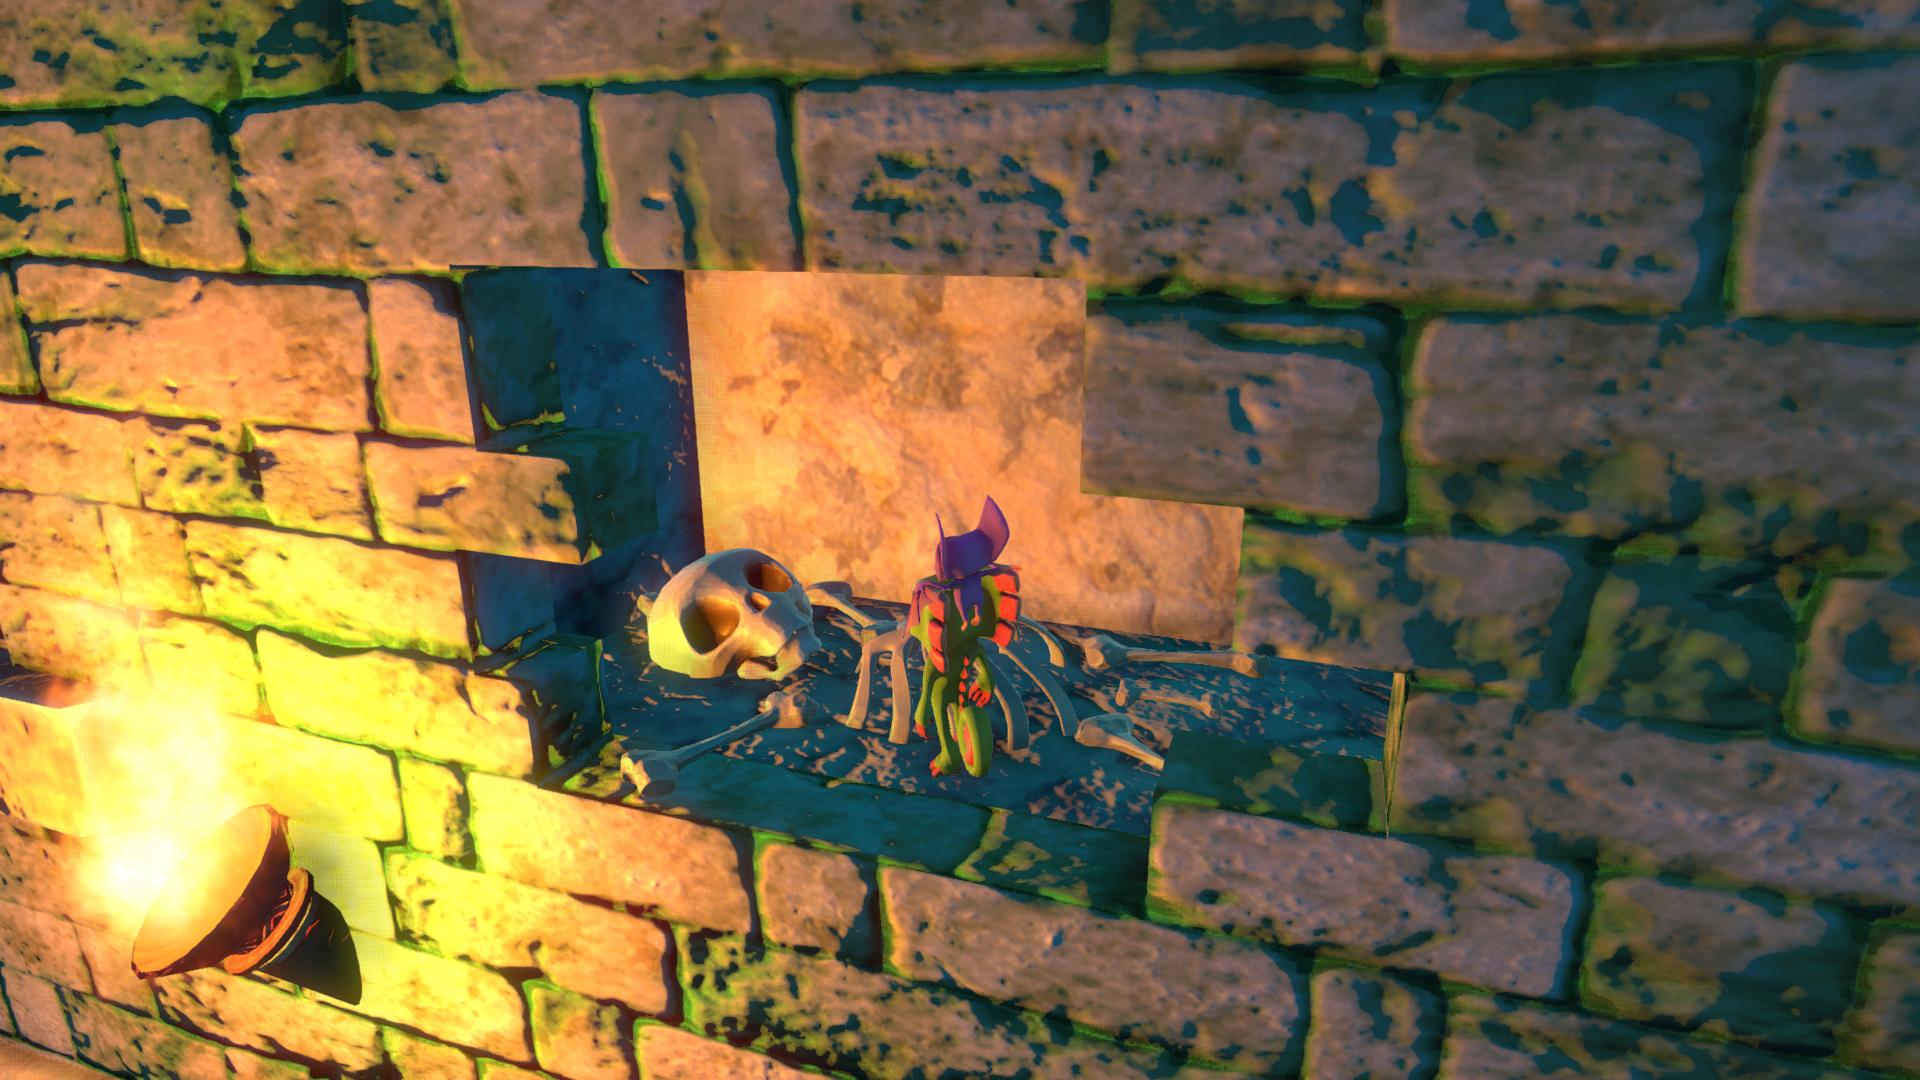 прохождение blak mirror 3 с лабиринт с тенями схема